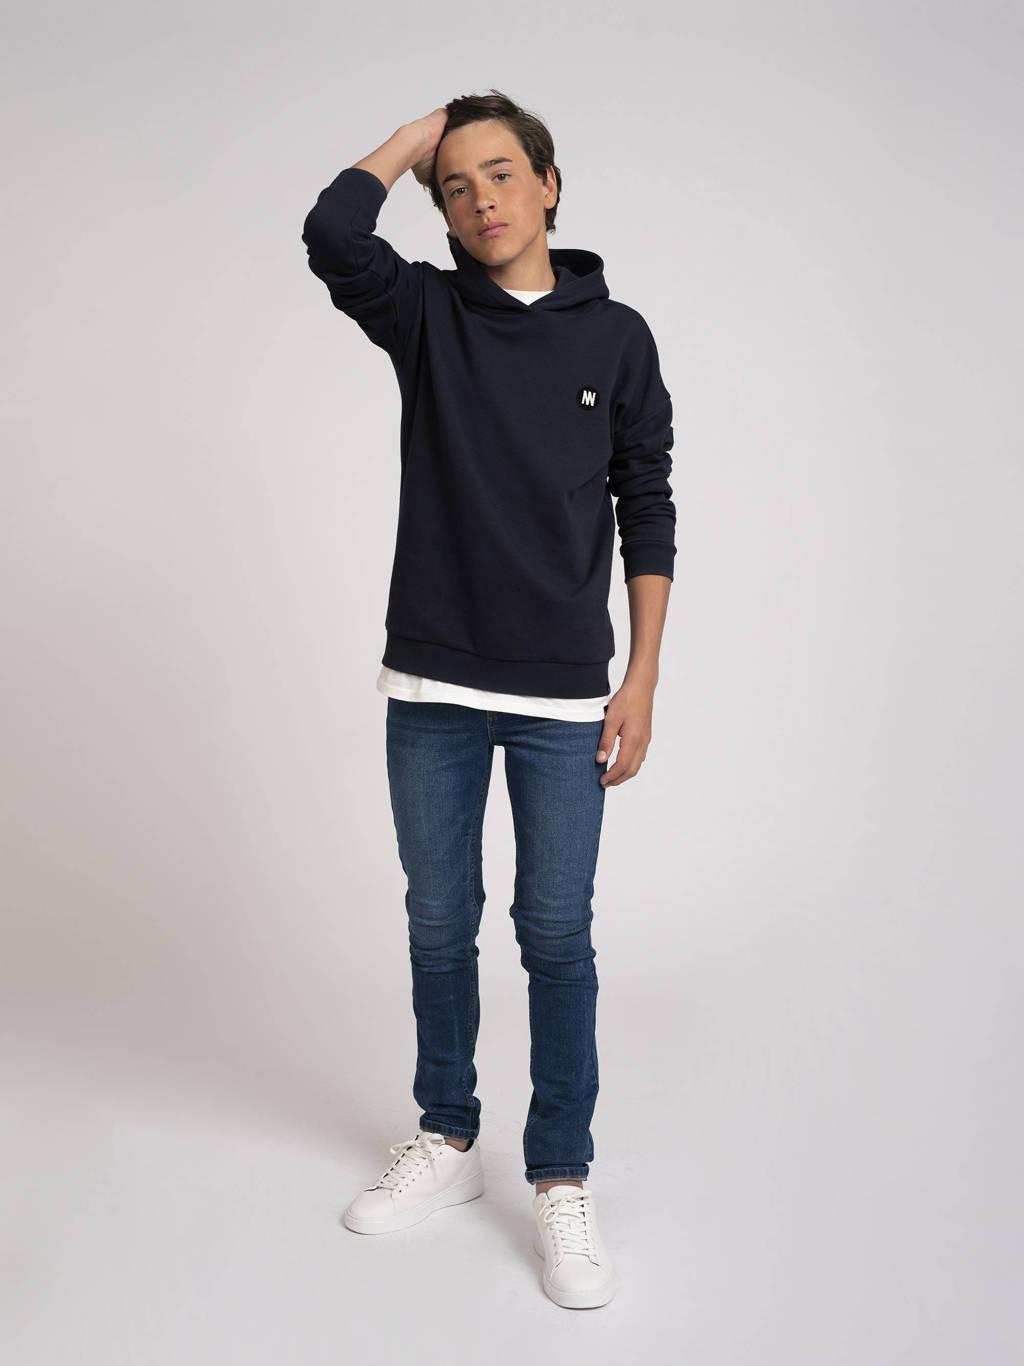 NIK&NIK hoodie Mazin met logo donkerblauw, Donkerblauw